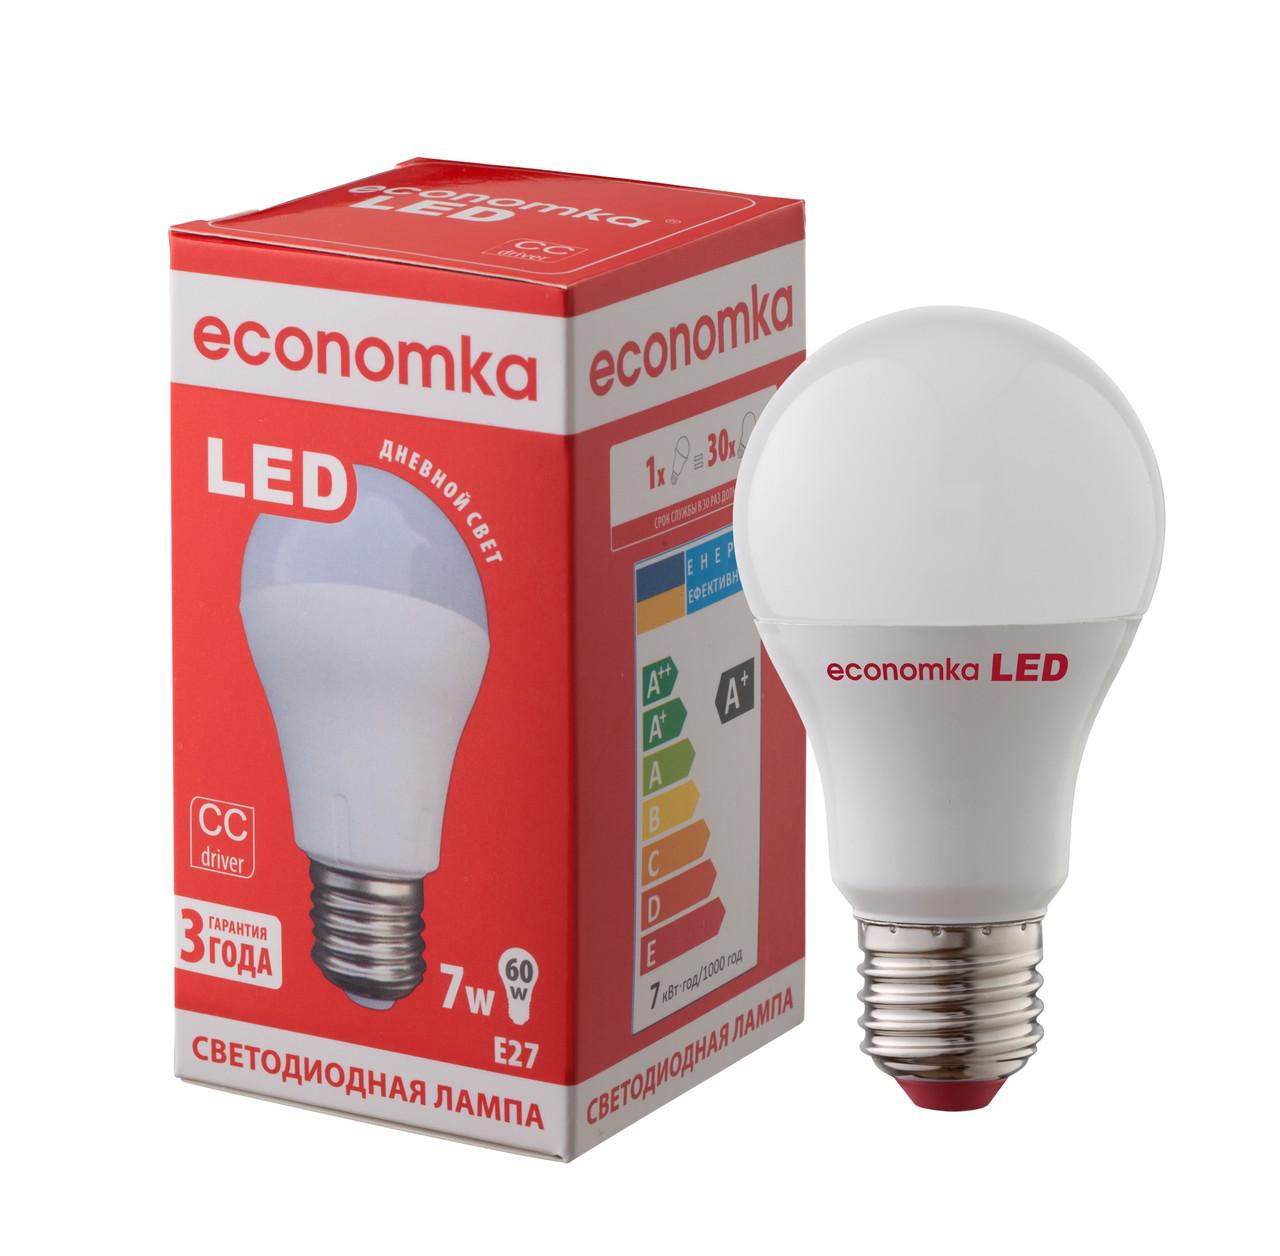 Светодиодная лампа Economka LED 7W Е27-4200K